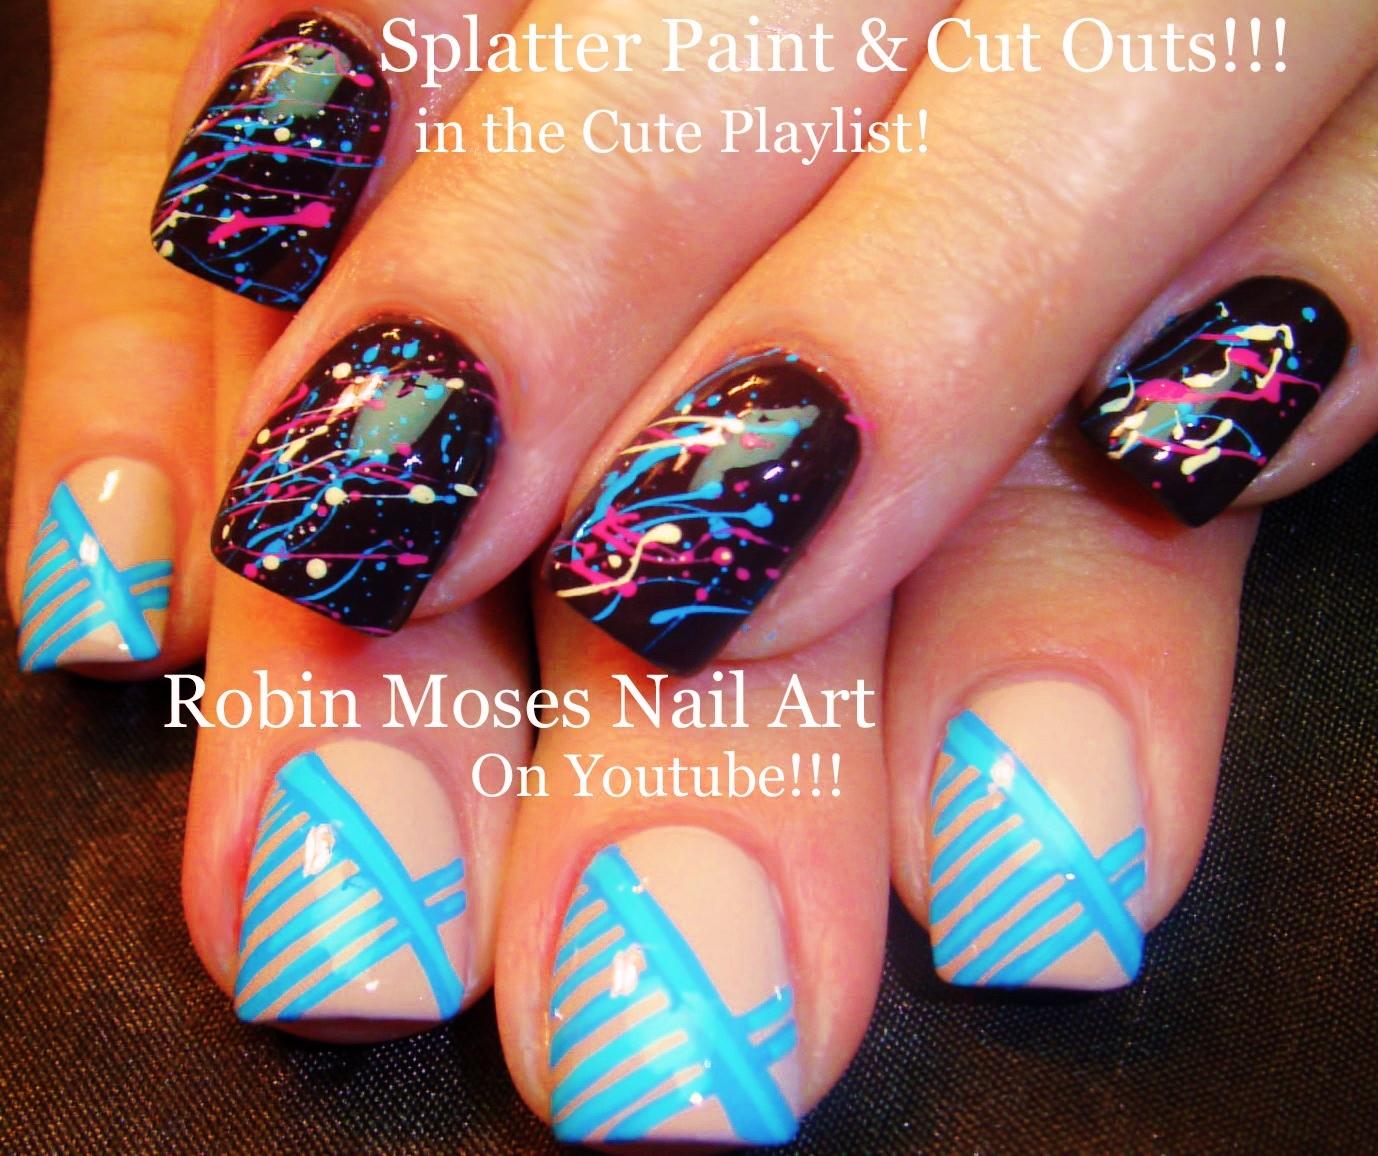 Robin Moses Nail Art Designs: Nail Art By Robin Moses: Nautical Nails And Sparkley